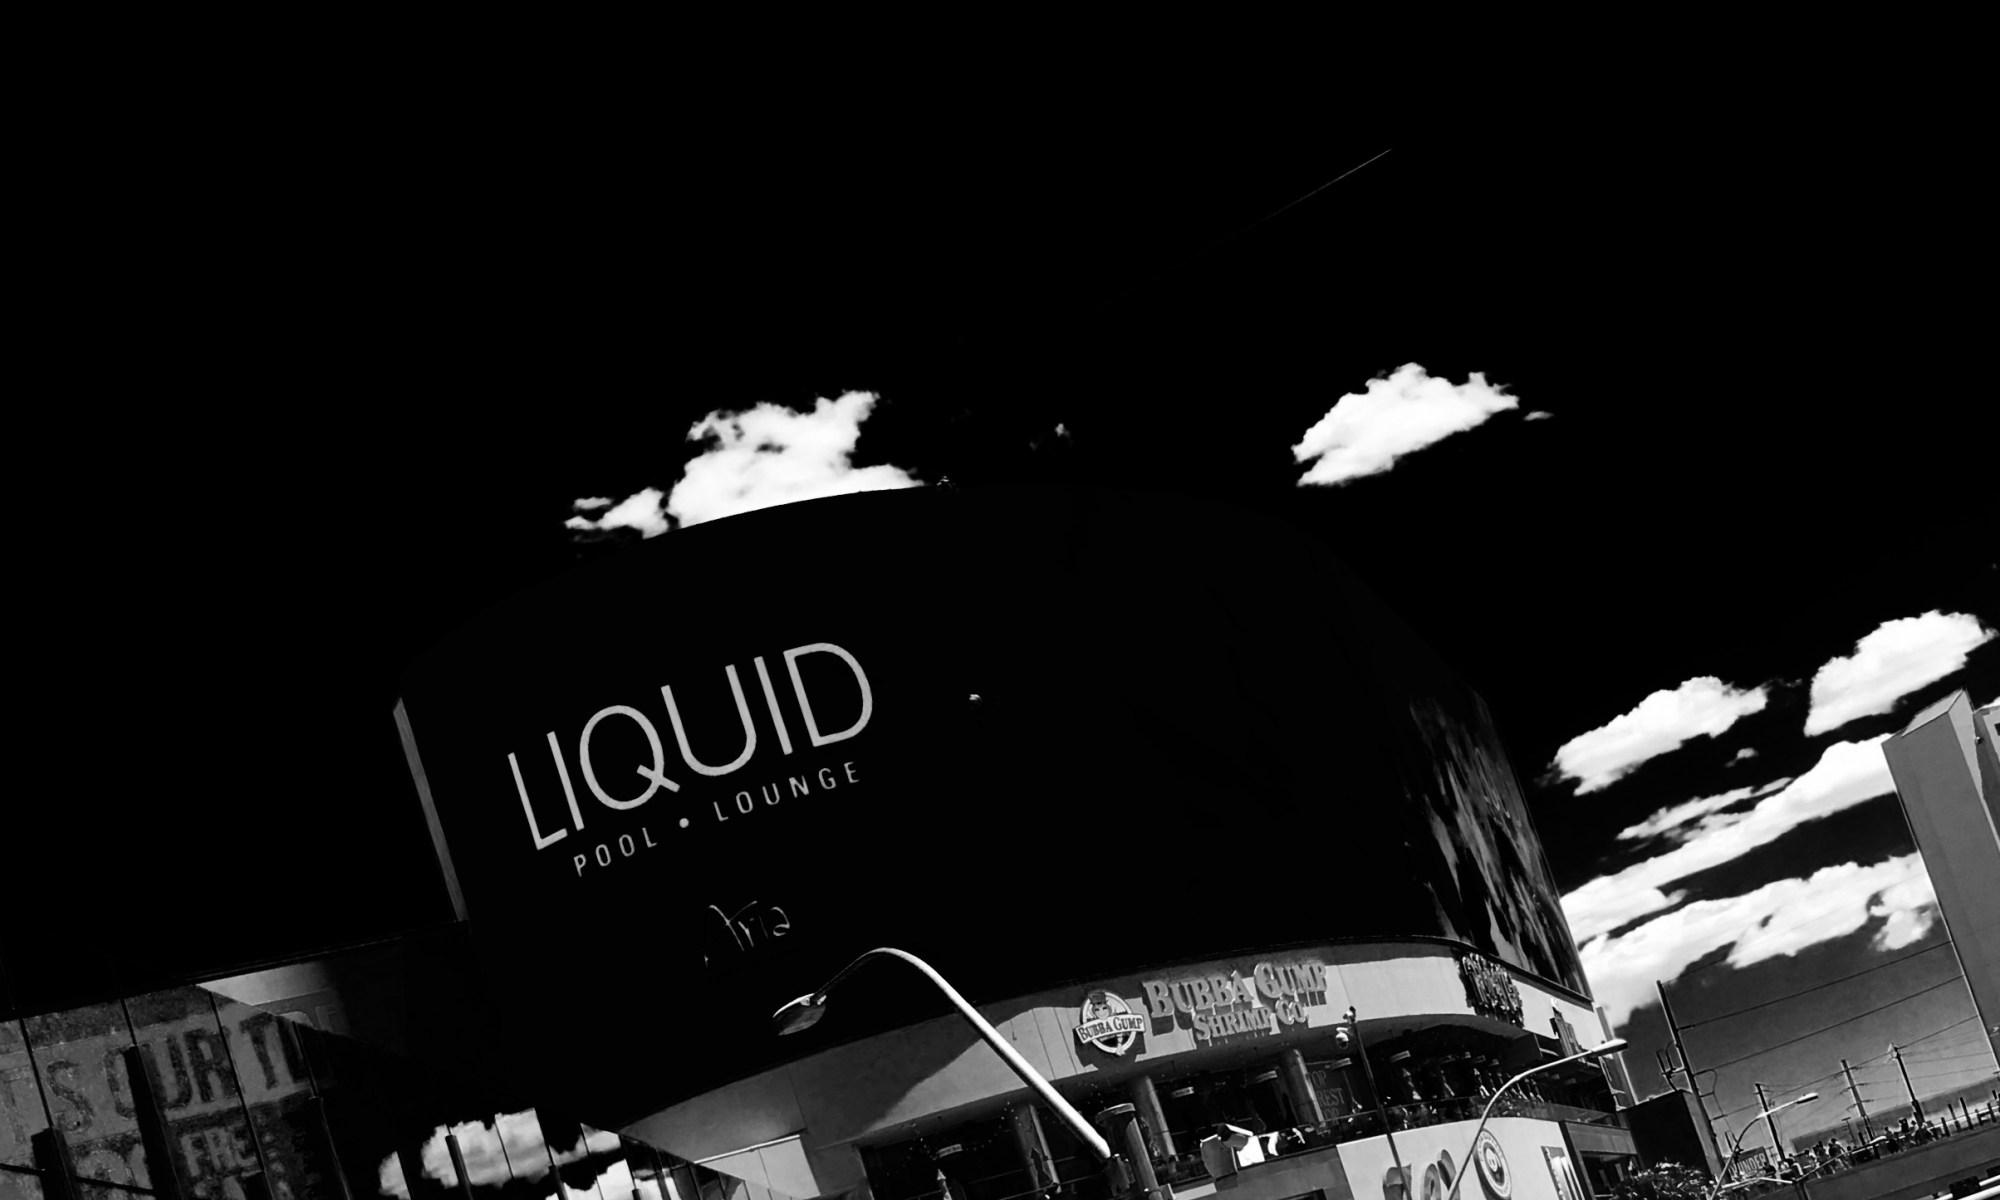 Lqud, by Tom Fahy